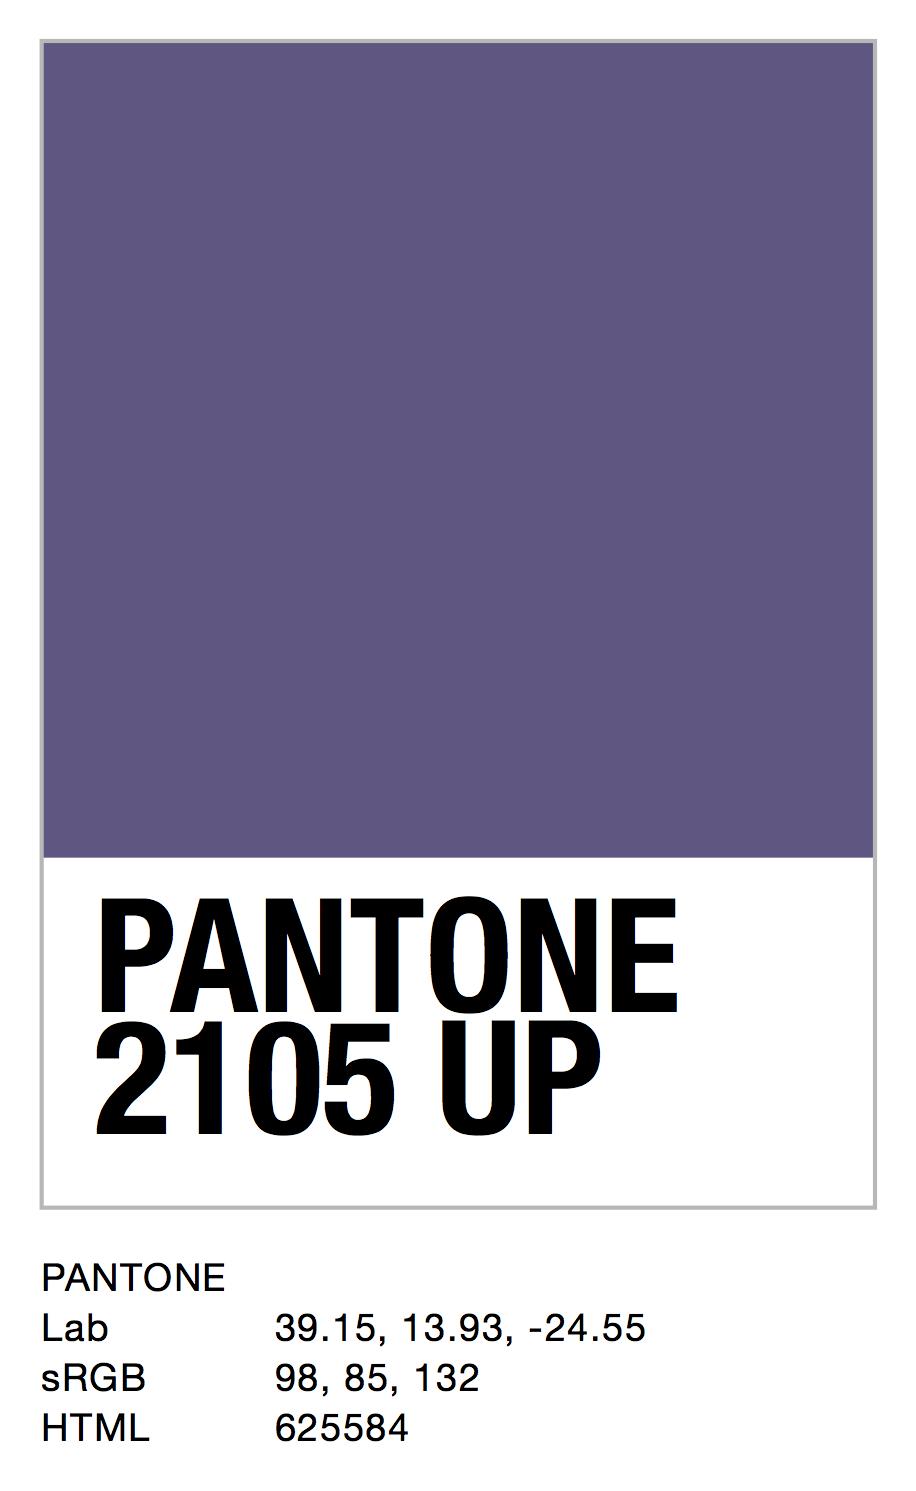 PANTONE 2105 UP.jpg